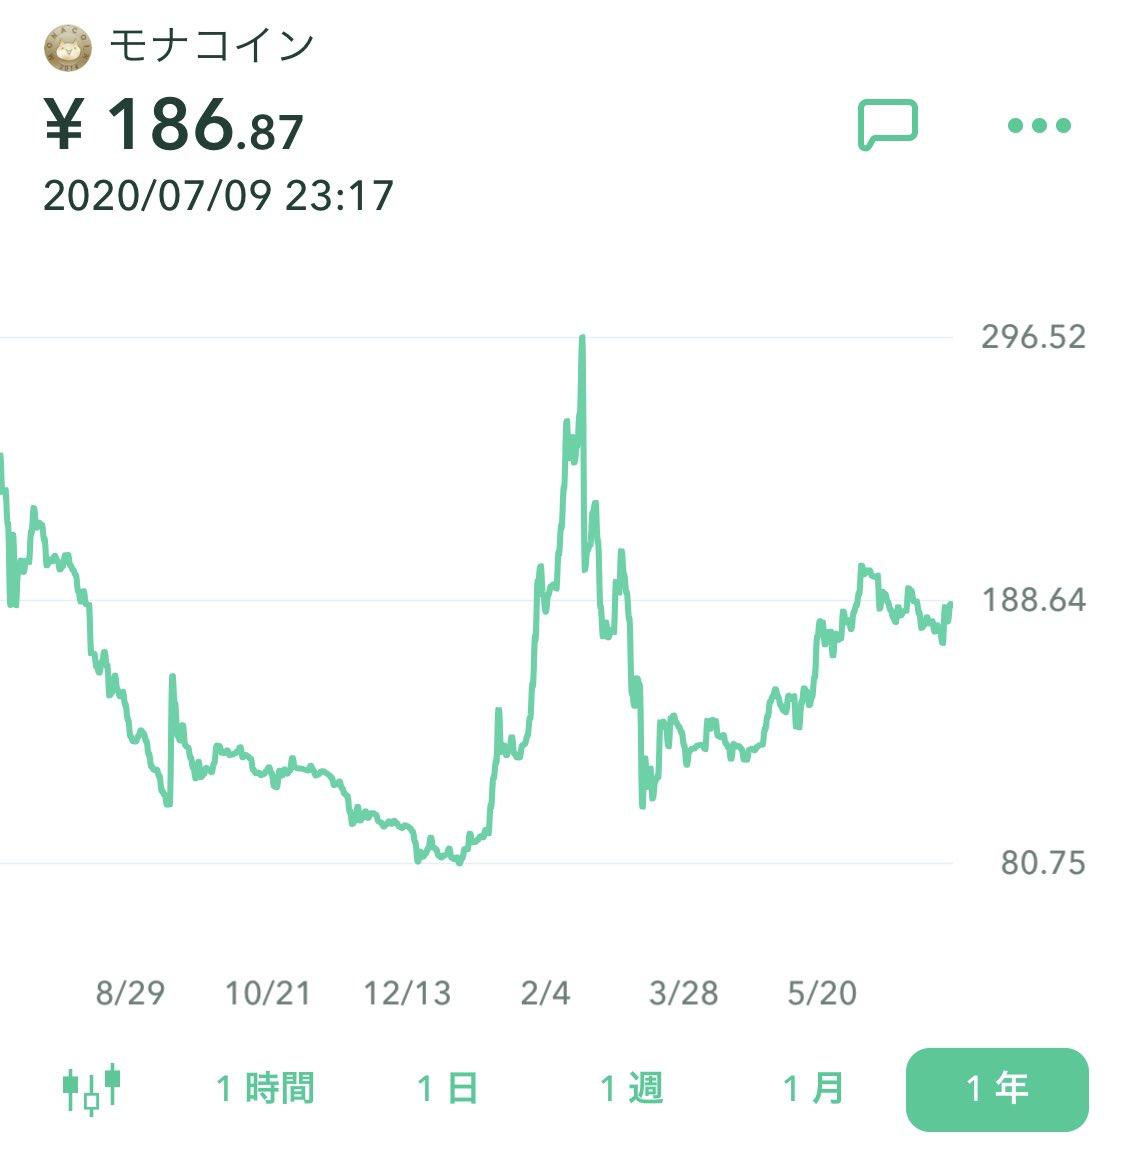 test ツイッターメディア - ところでモナコインってもう半減期折り込み済みなの?もう近いけど https://t.co/fPY0rUSsDU